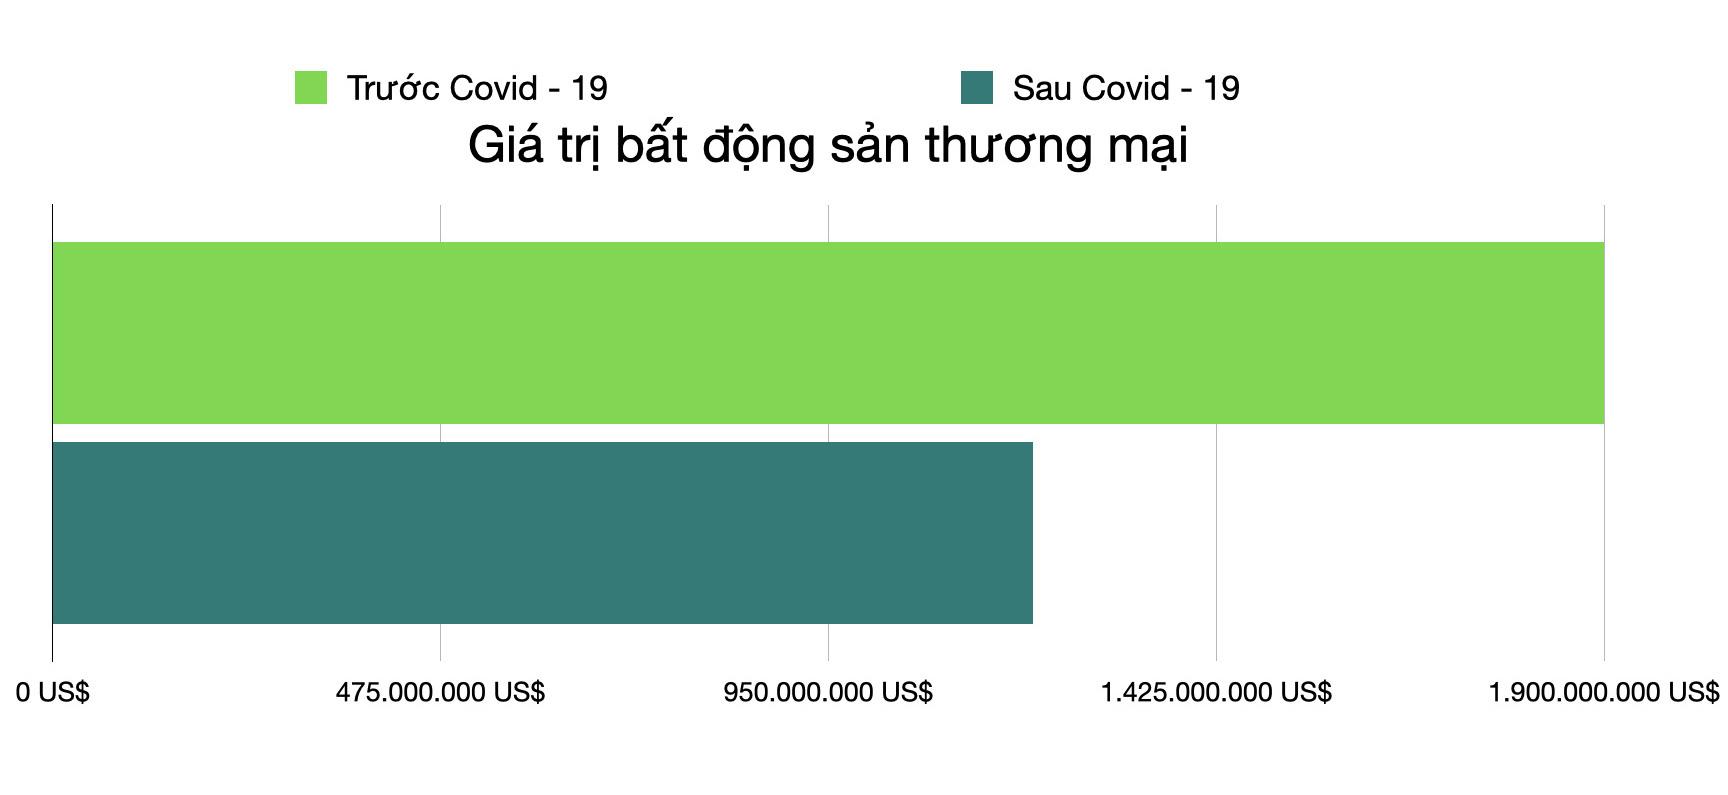 Mất hàng tỉ USD vì Covid - 19, ông Trump rời top 1.000 người giàu nhất thế giới - Ảnh 2.